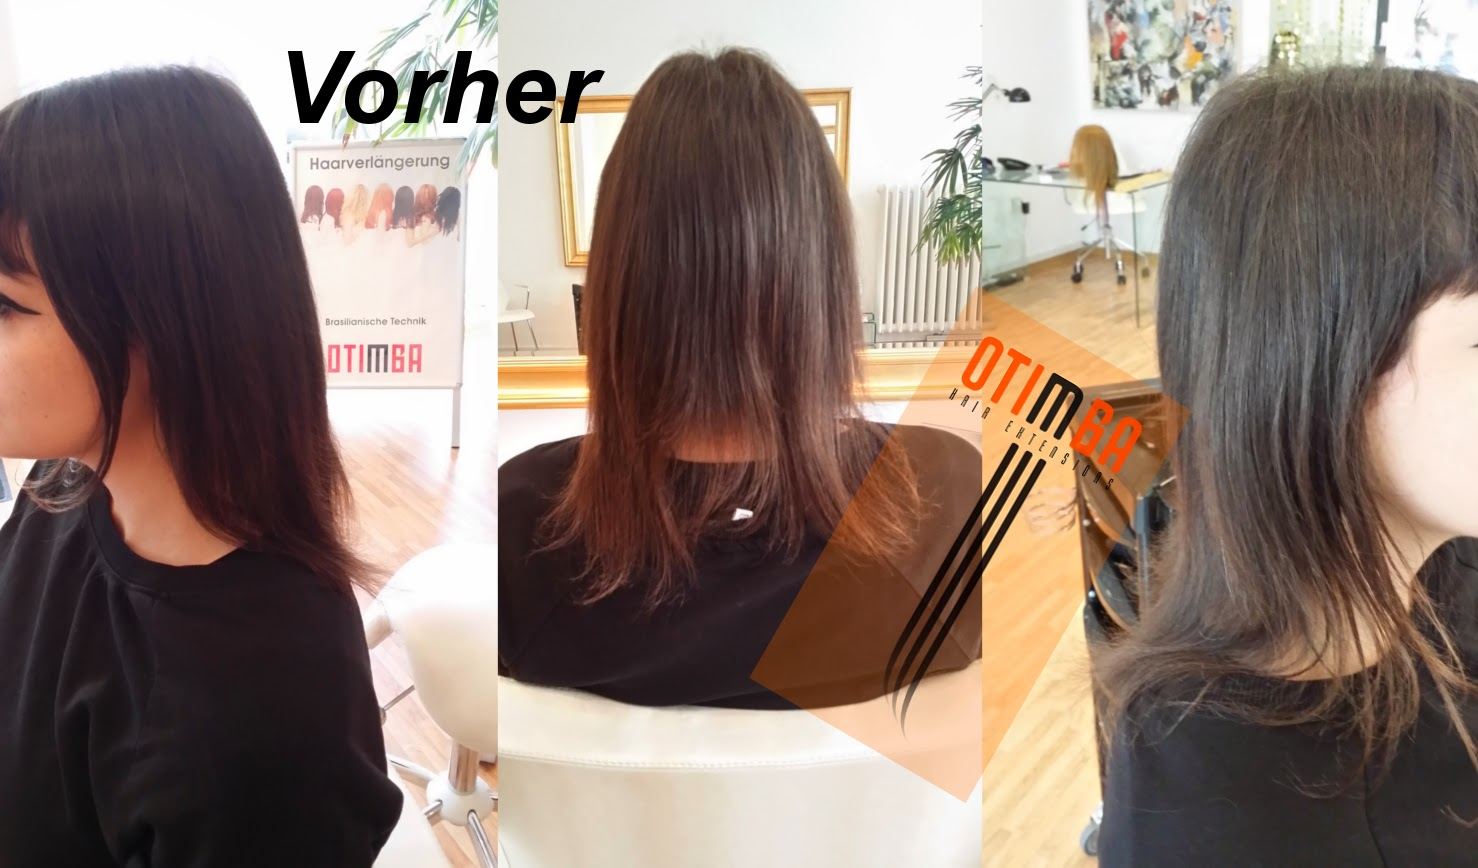 Haarverlangerung brasilianische technik